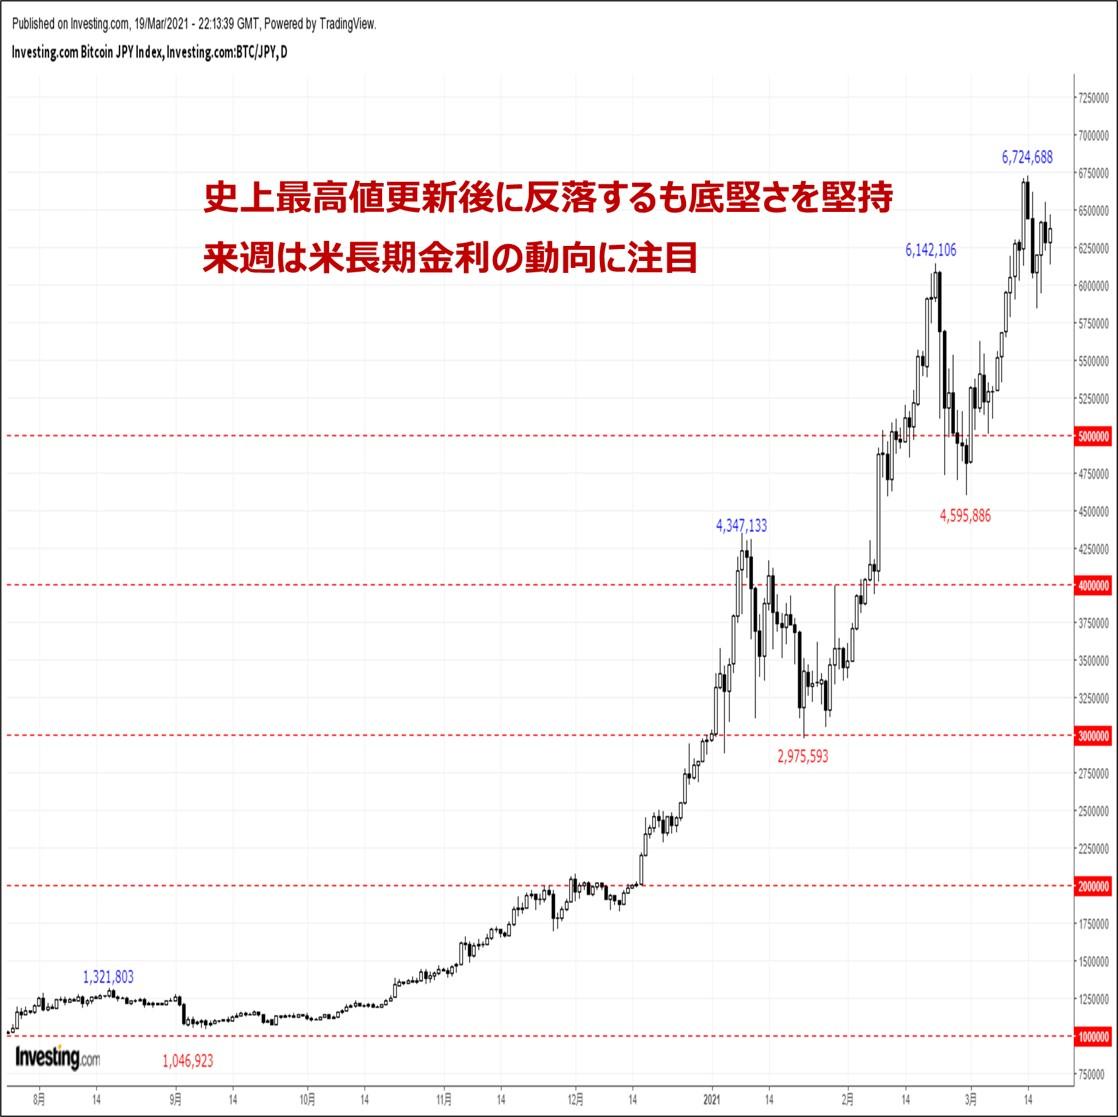 ビットコインの価格分析:『史上最高値更新後に反落するも底堅さを堅持。米長期金利に注目』(3/20)